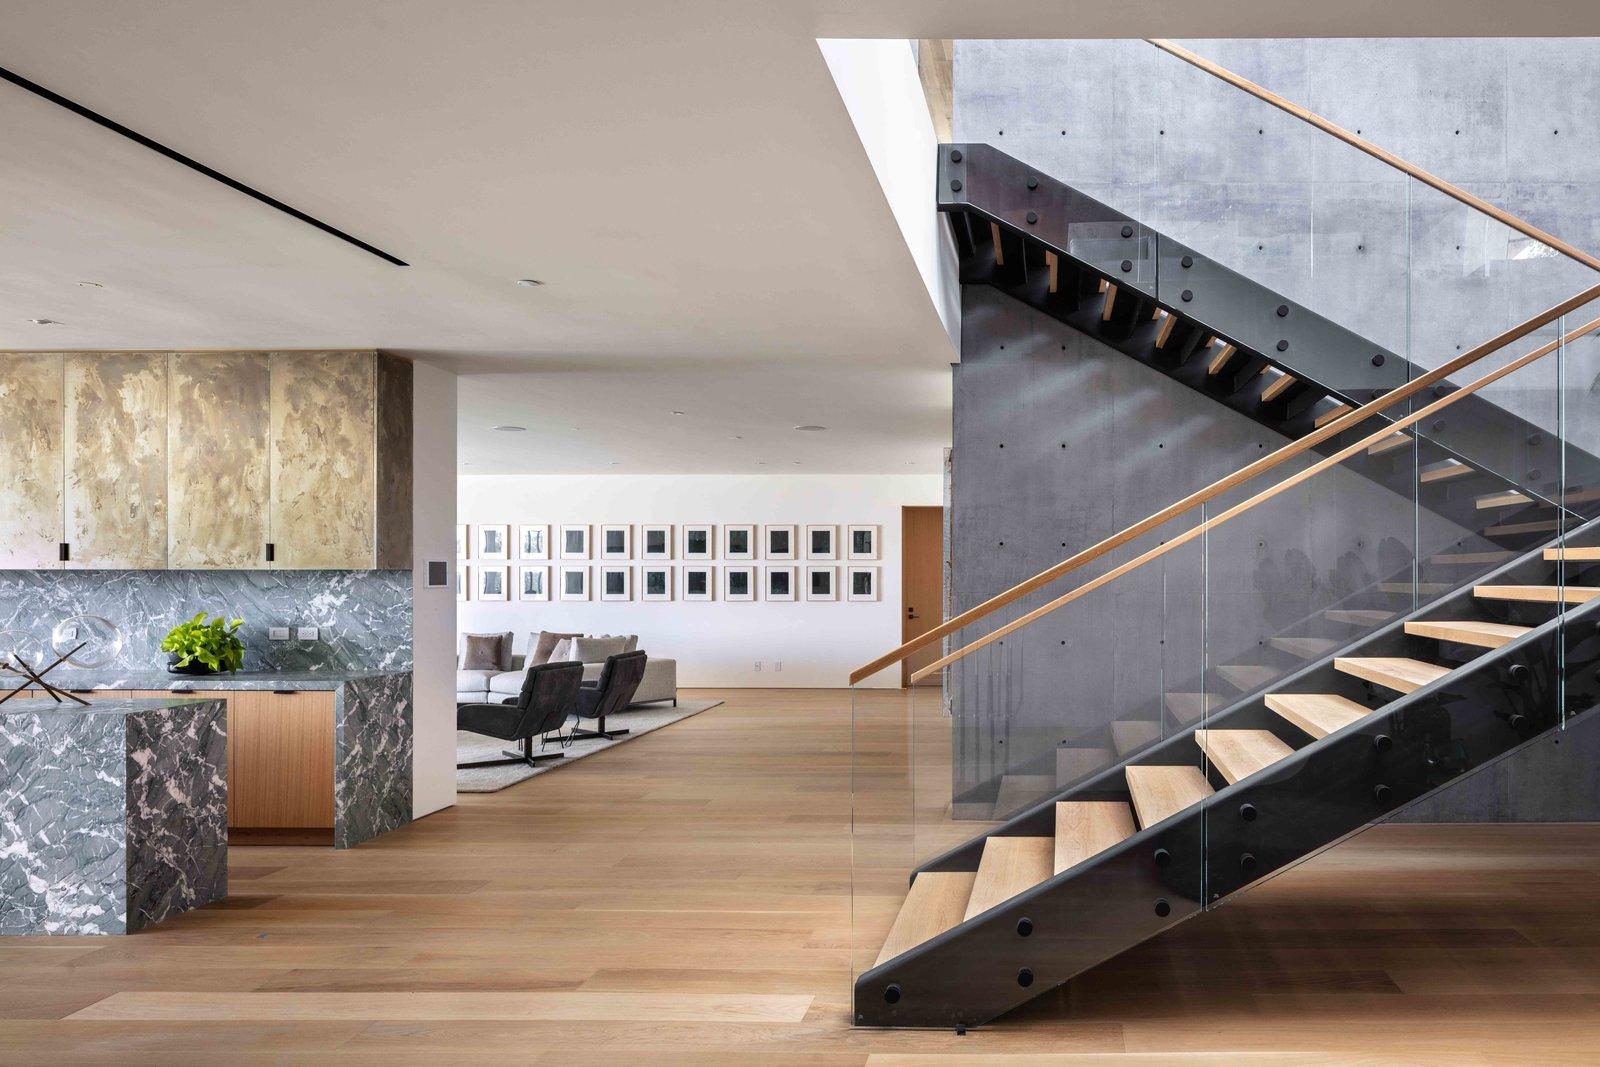 Carla House staircase